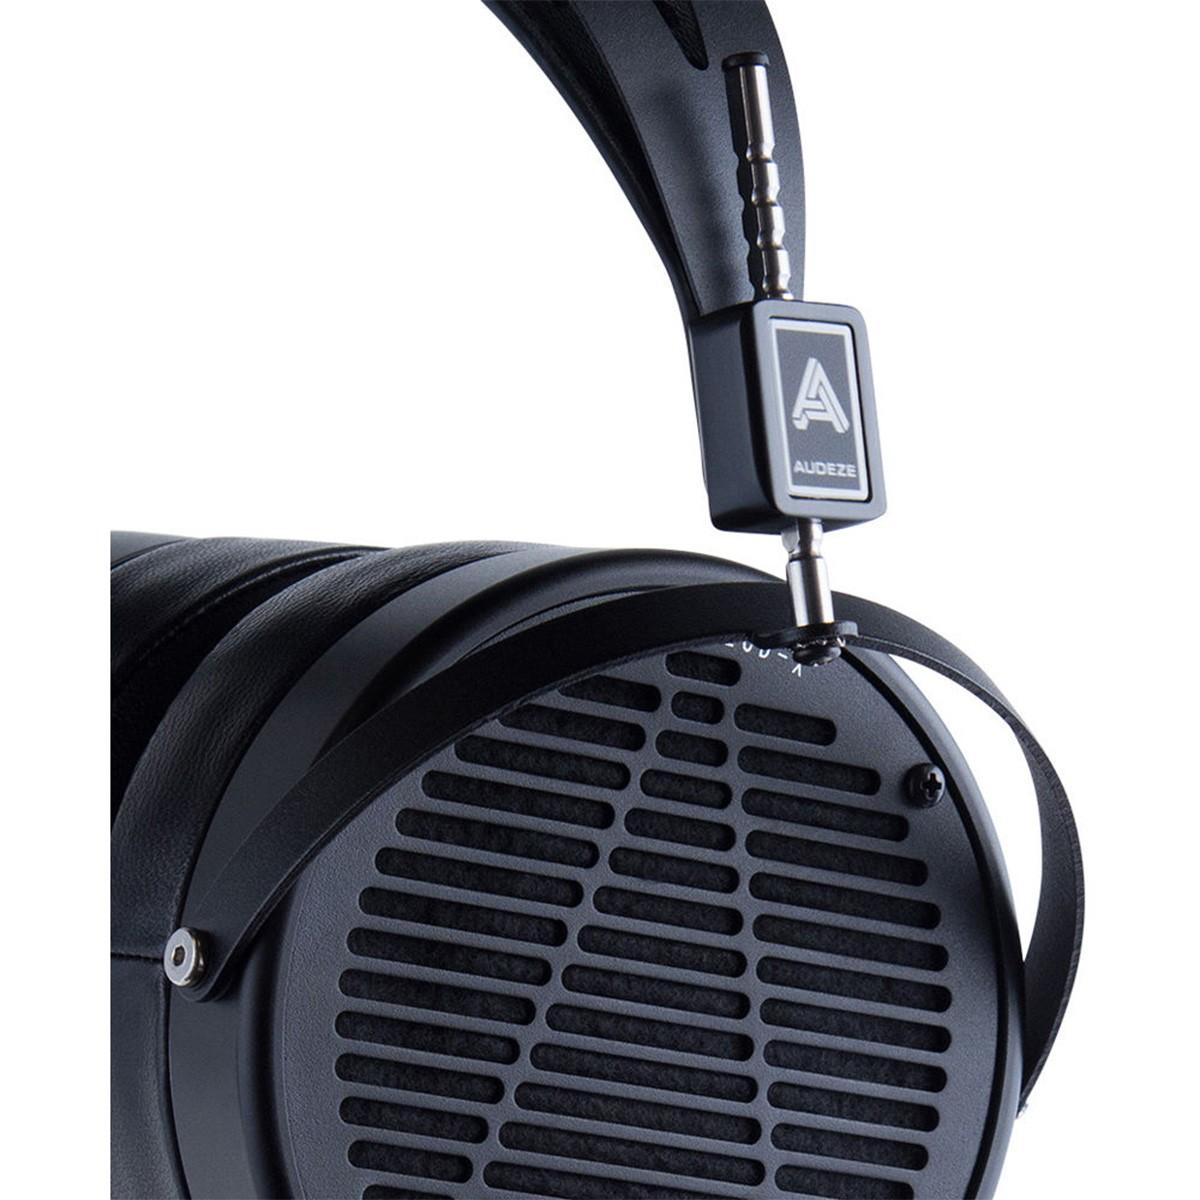 HEADPHONES AUDEZE LCD-X STANDARD